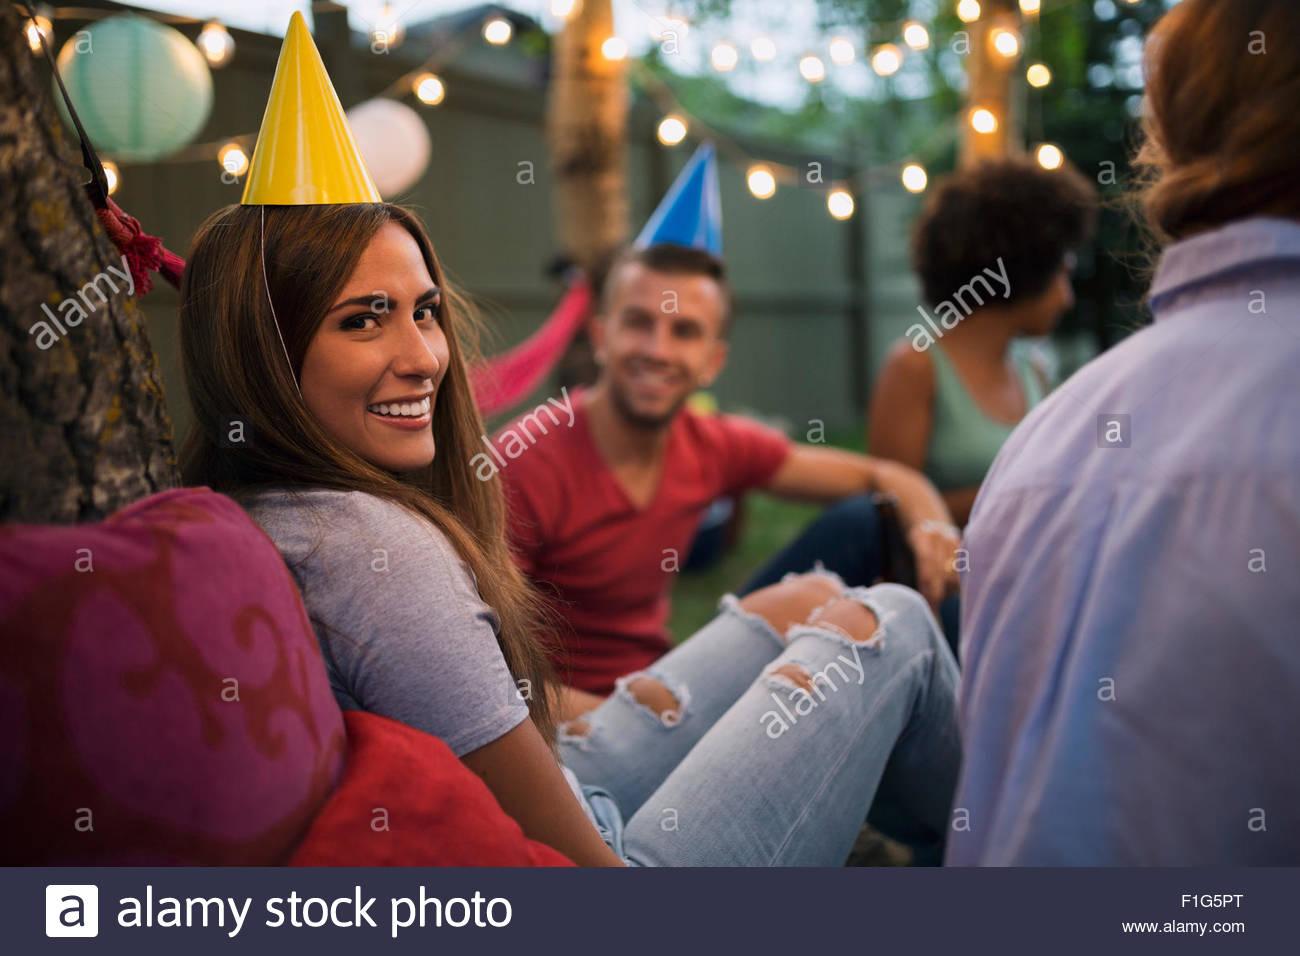 Portrait of smiling woman hat party d'anniversaire d'arrière-cour Photo Stock